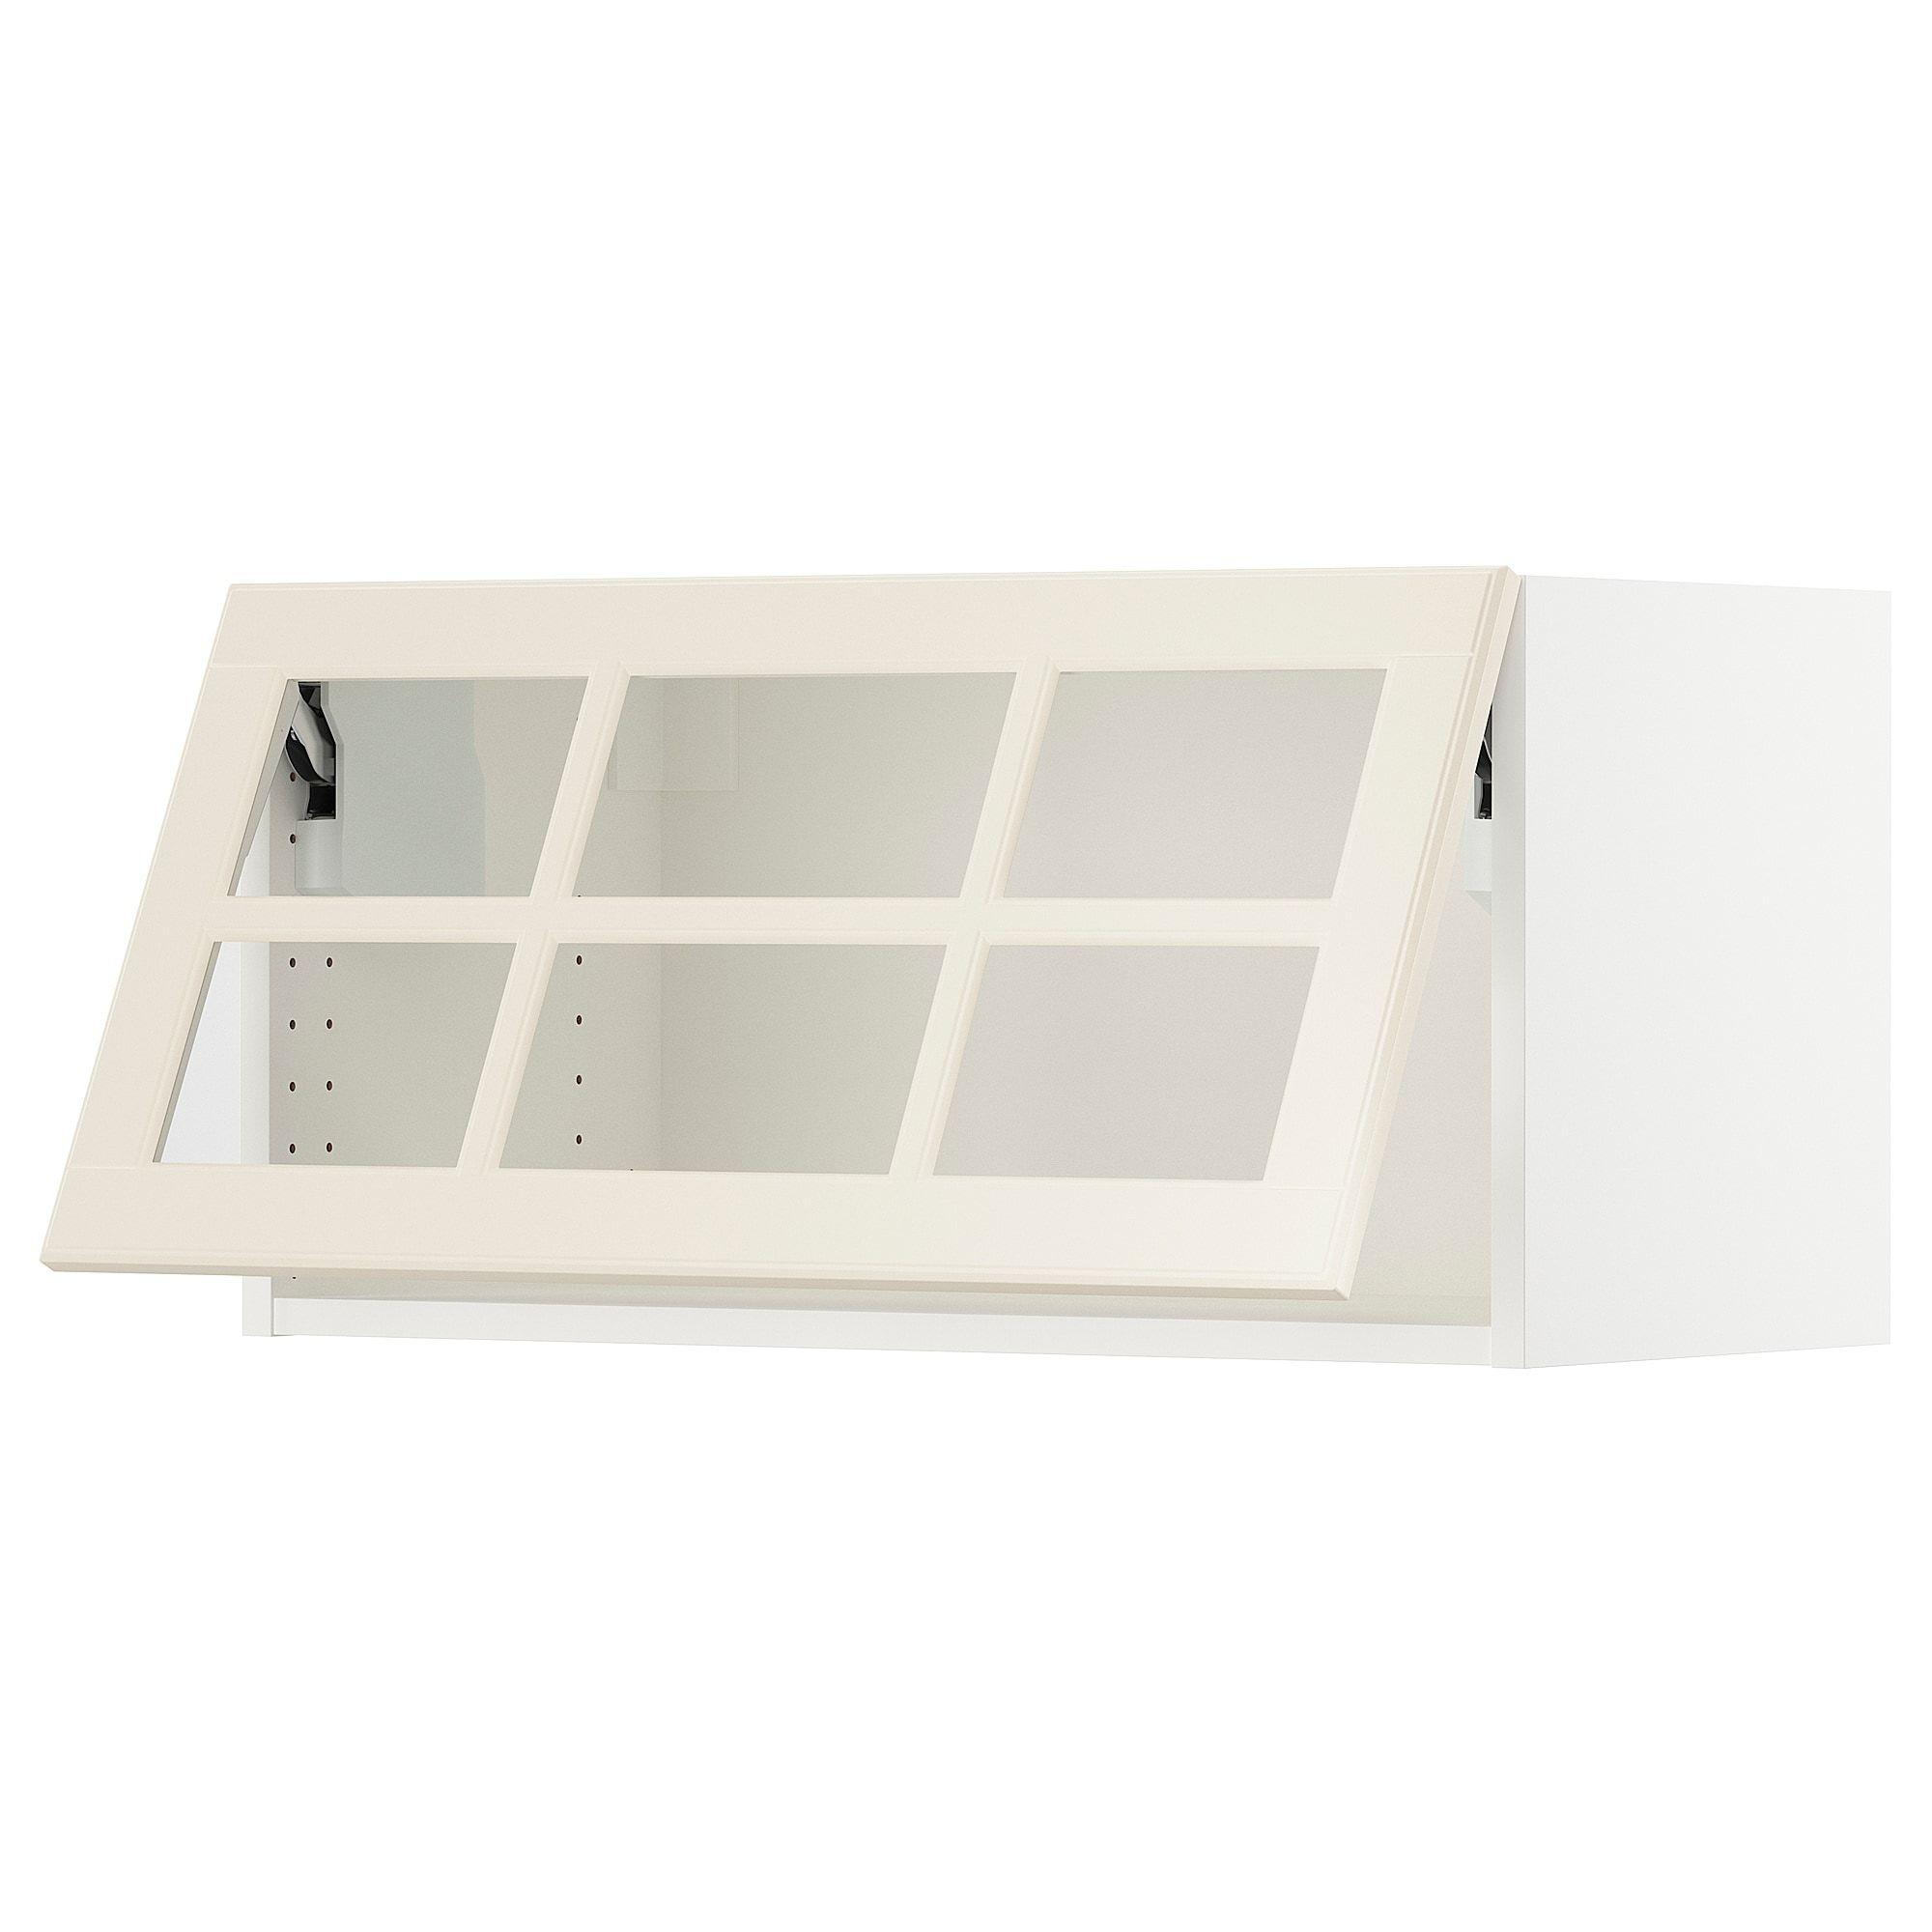 Epaisseur Caisson Cuisine Ikea sektion armoire murale horizontale vitrée - blanc, axstad